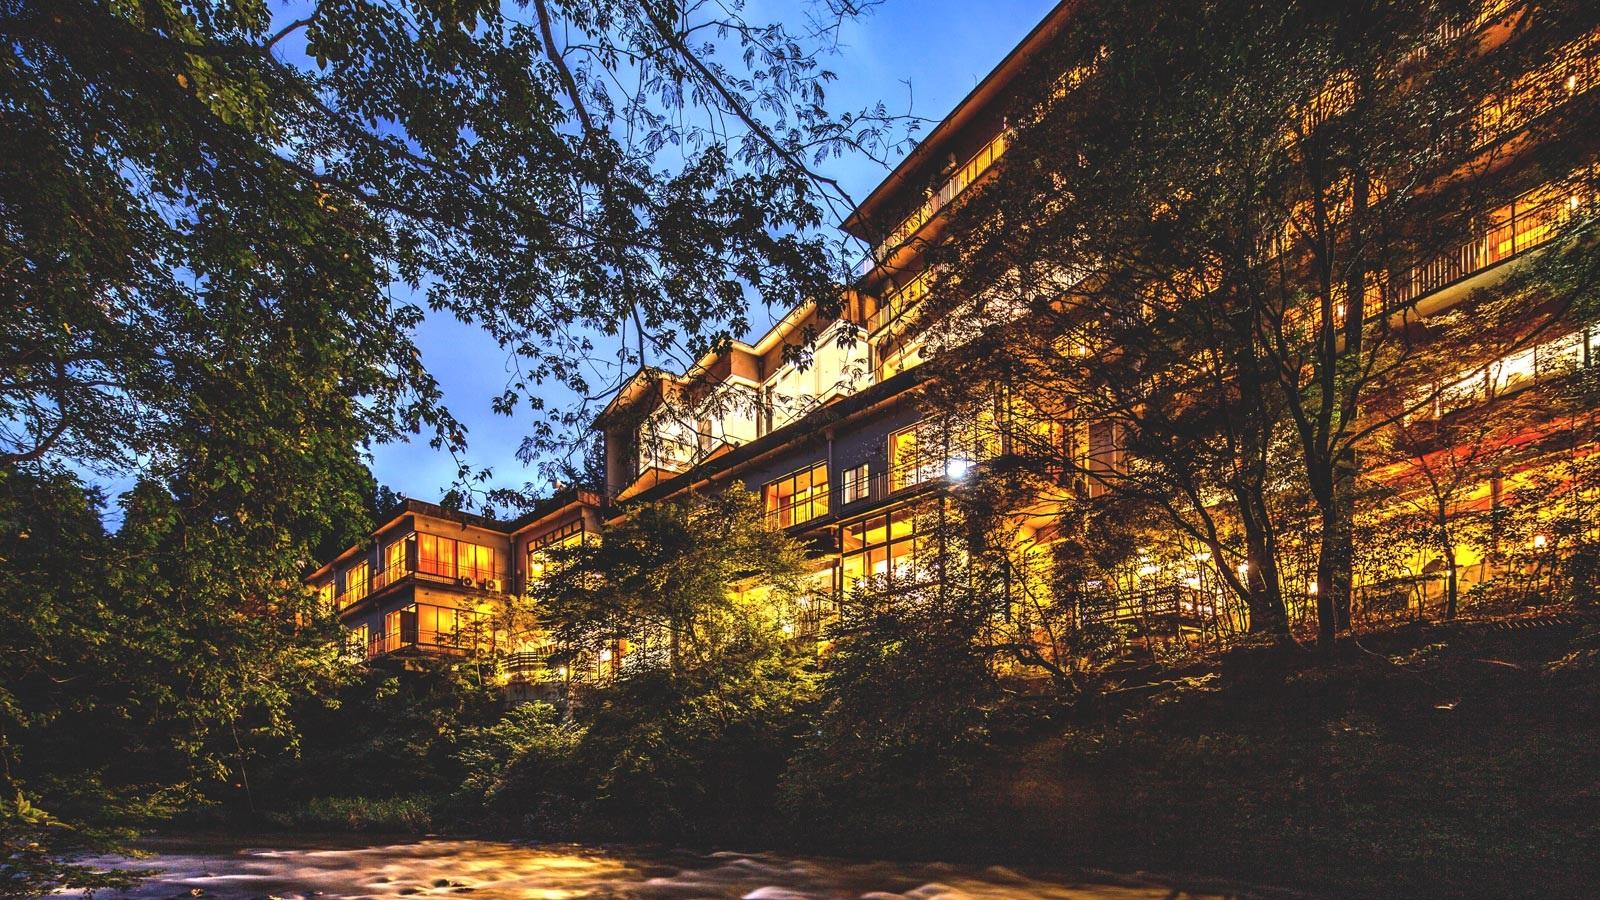 初の温泉旅行、夜は鉄板の卓球で盛り上がりたい!ゲームコーナーのある山中温泉の宿を教えて!